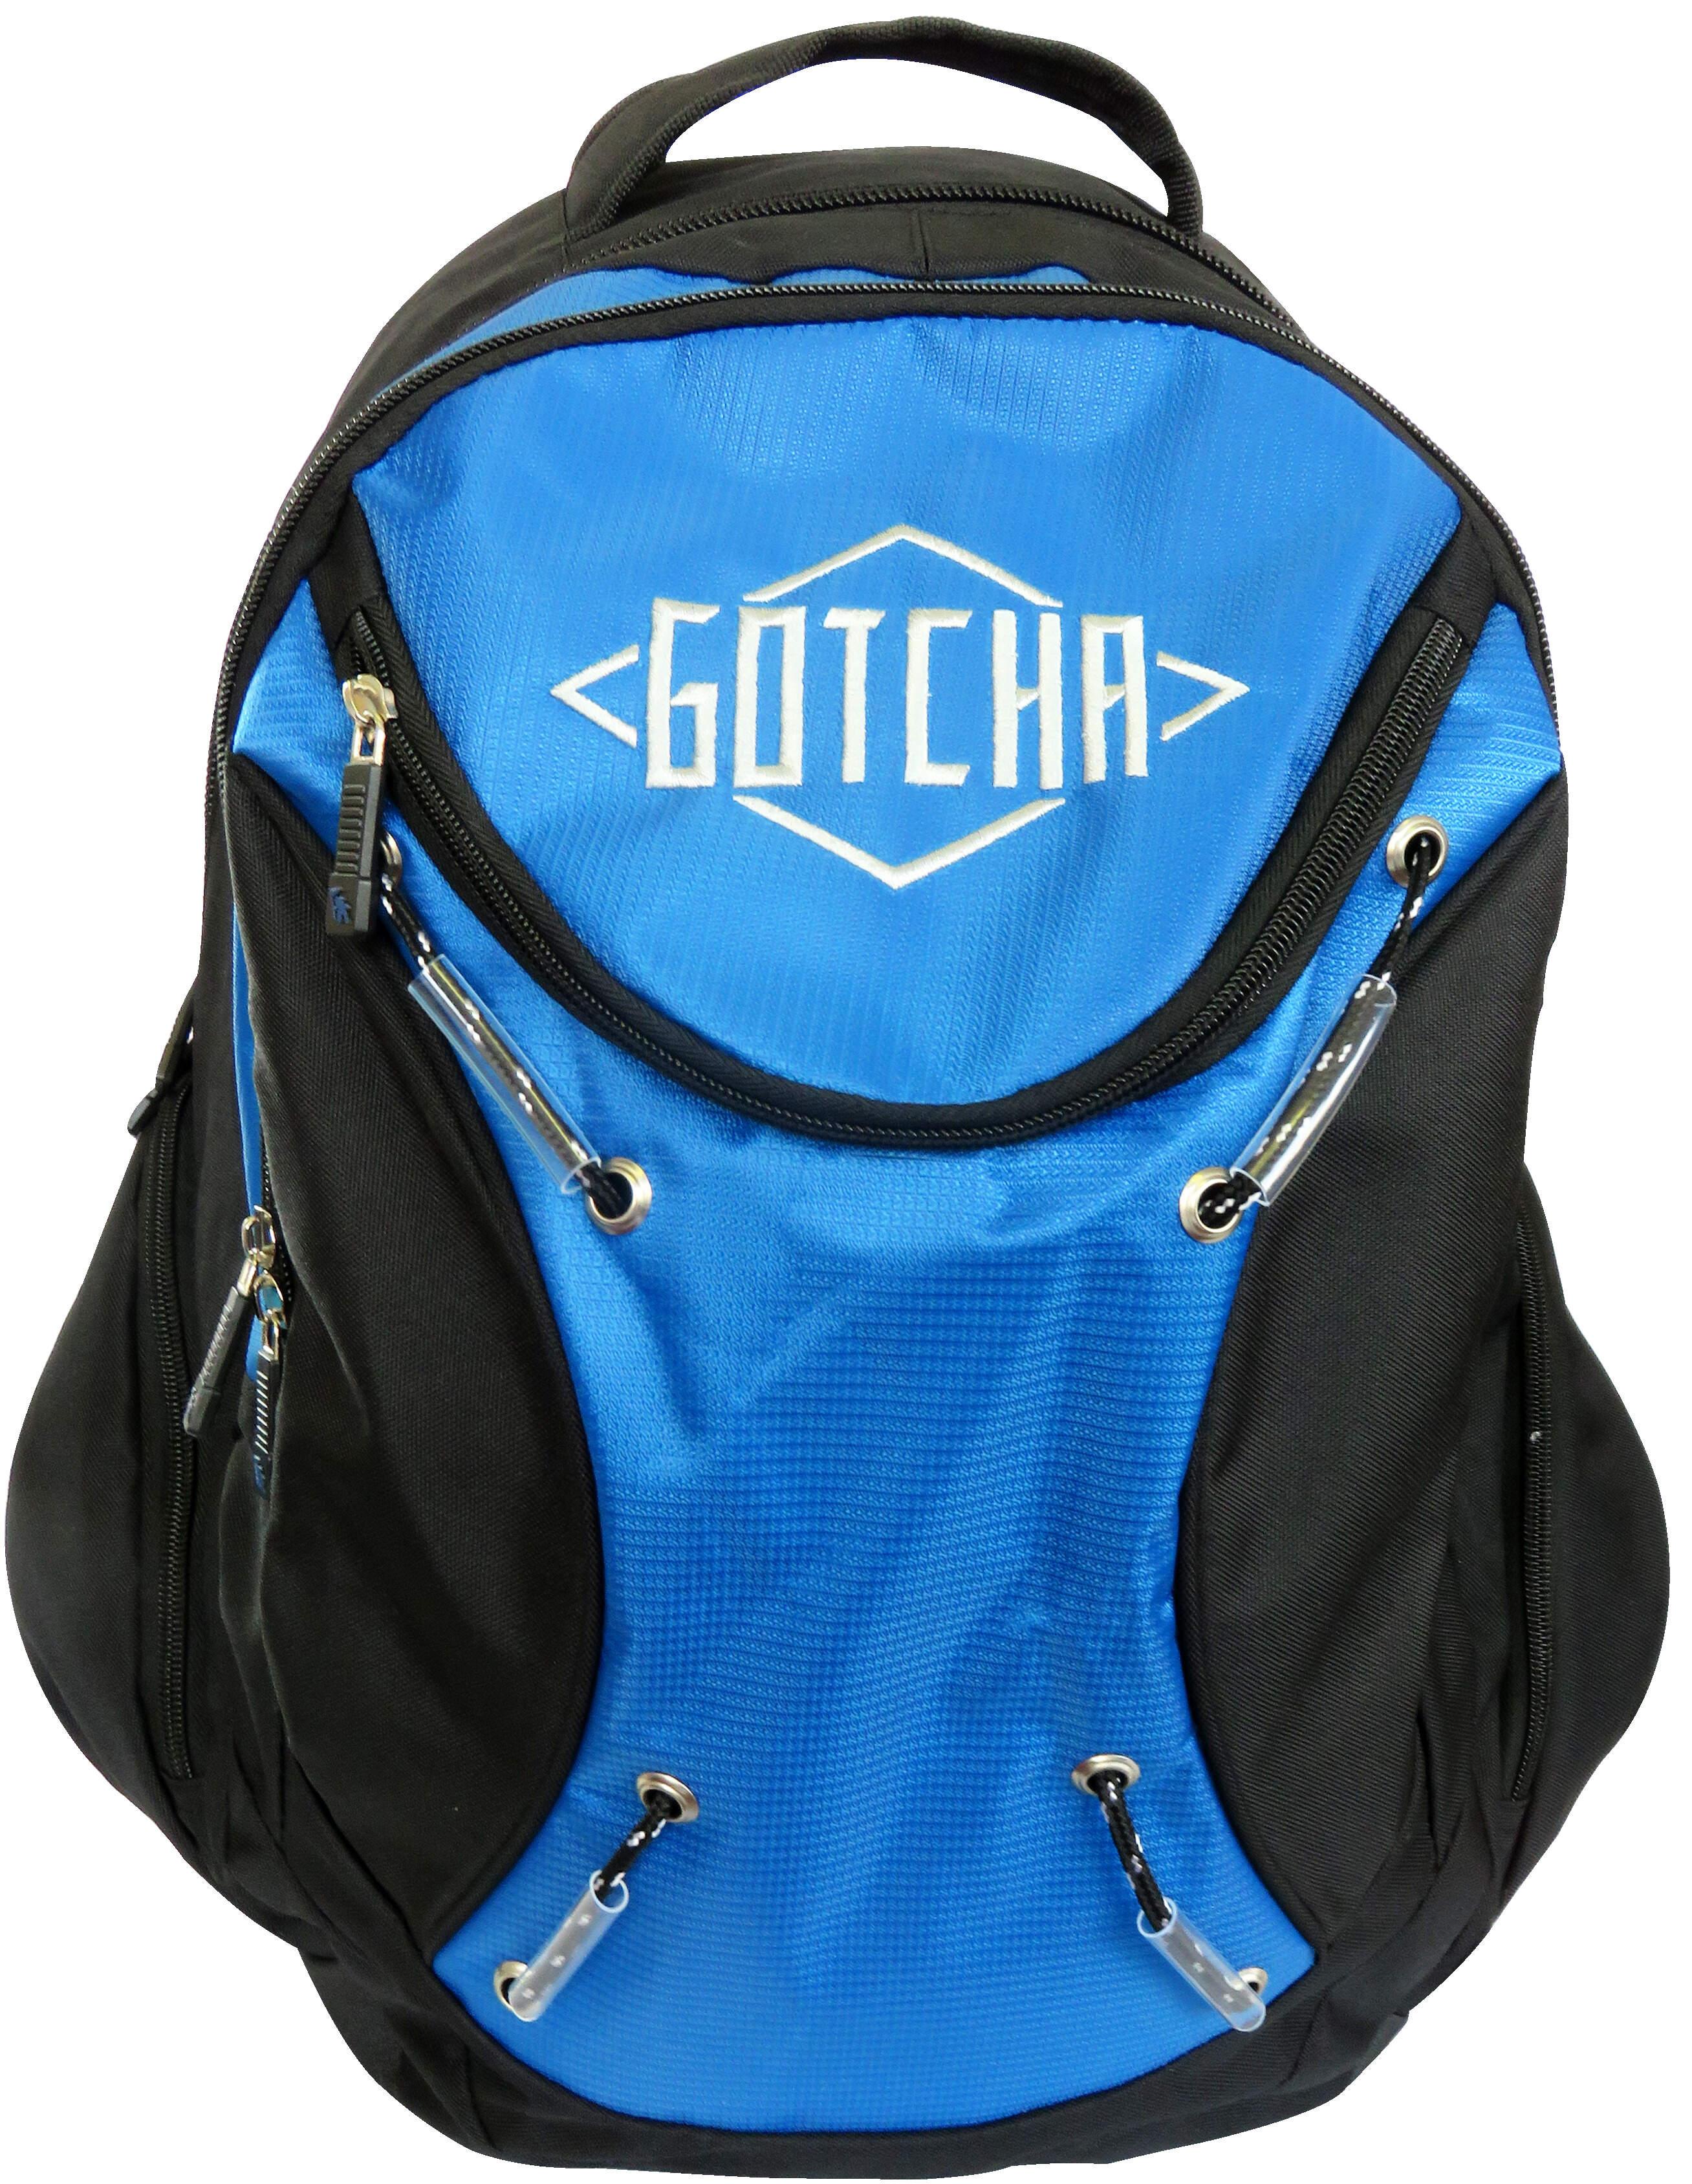 Gotcha Large School Backpack - Speedster Blue